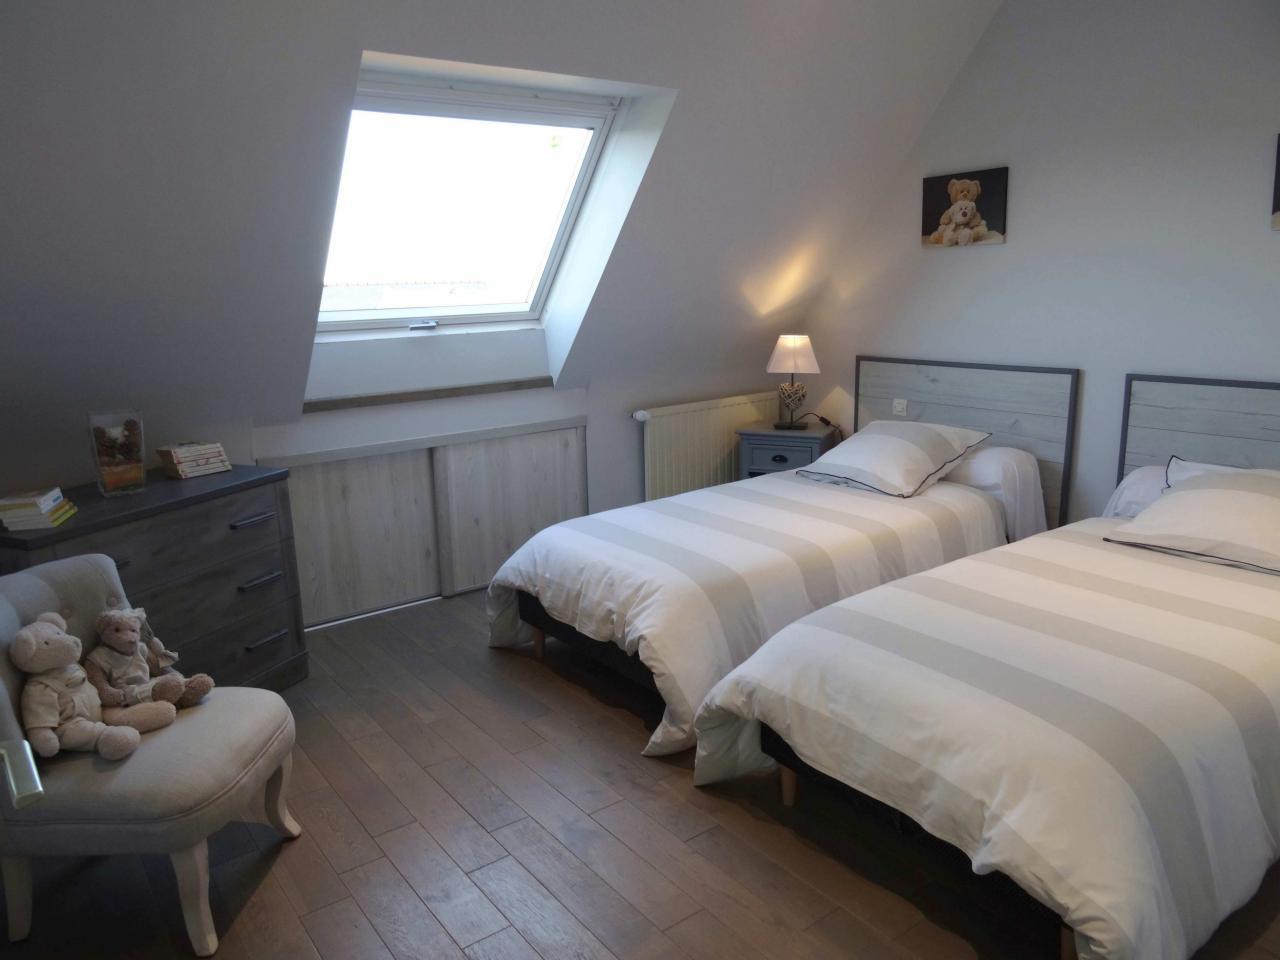 chambre avec lits jumeaux - Lits Jumeaux